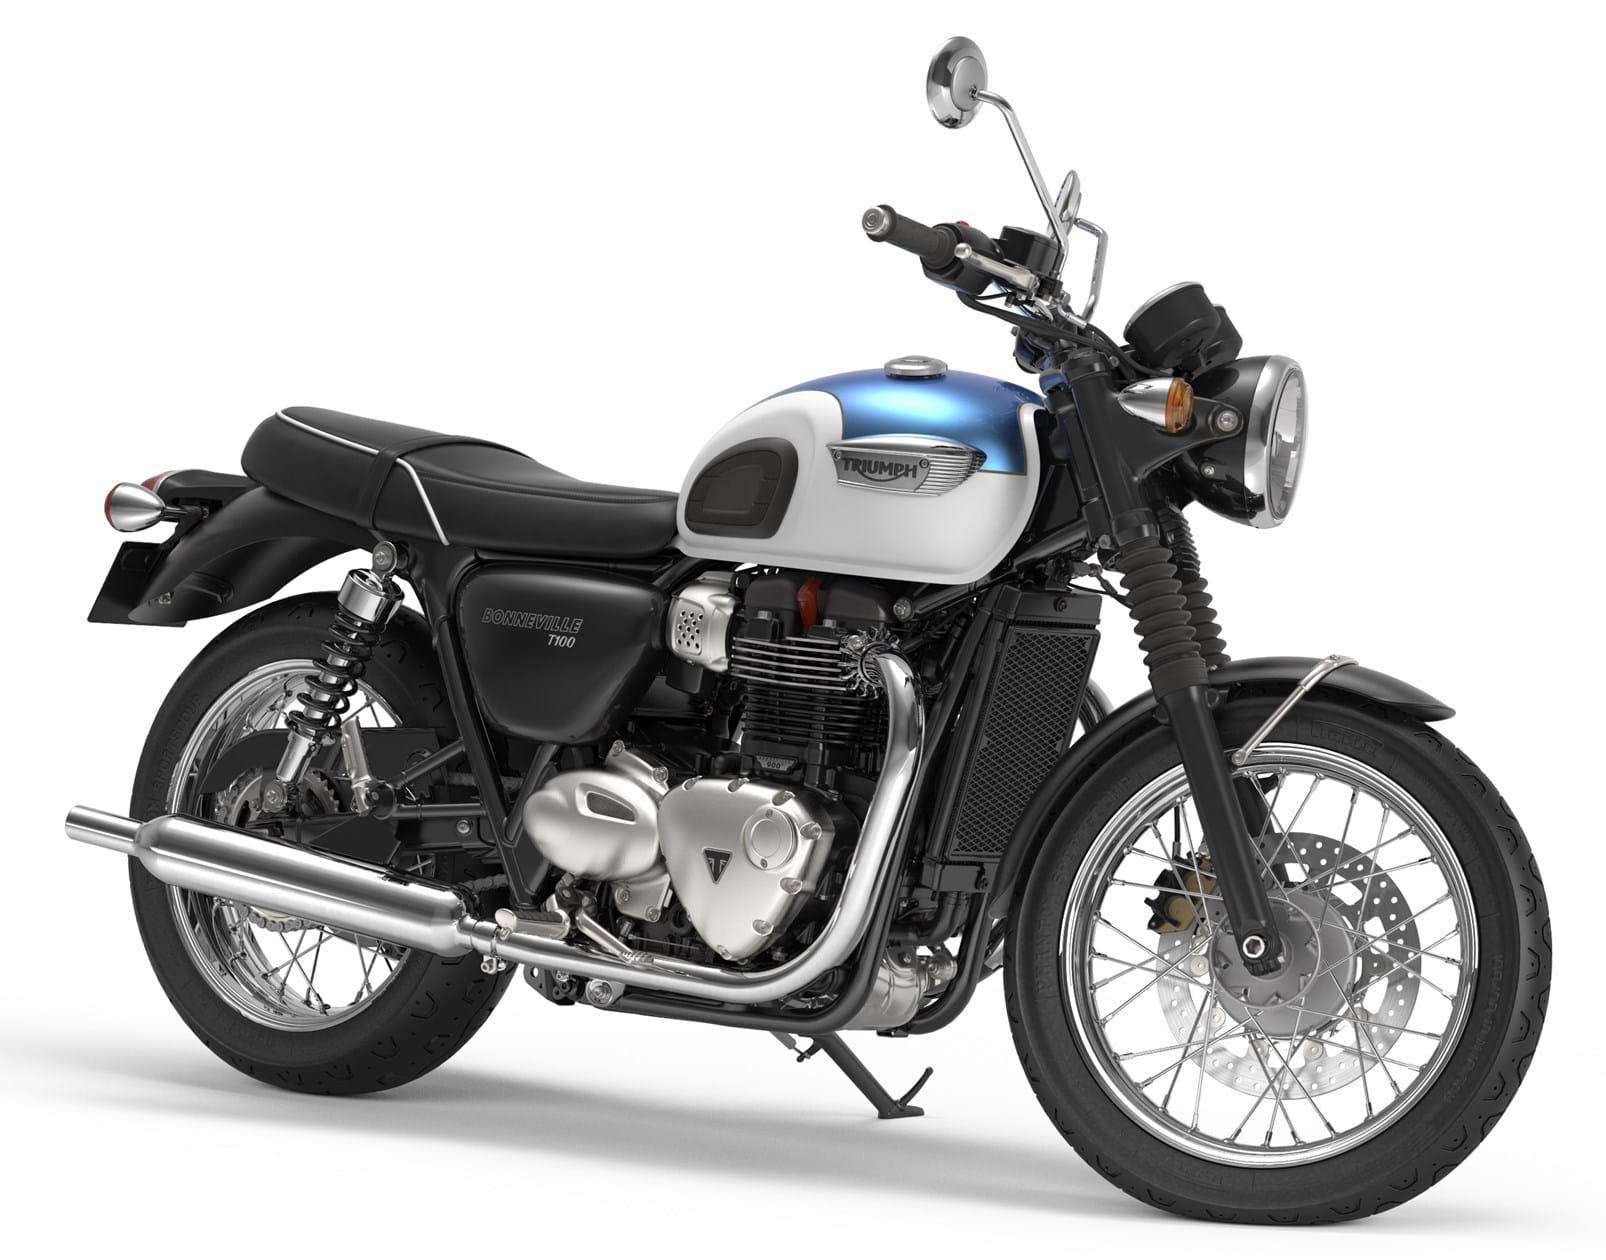 For Sale Triumph Bonneville T100 The Bike Market